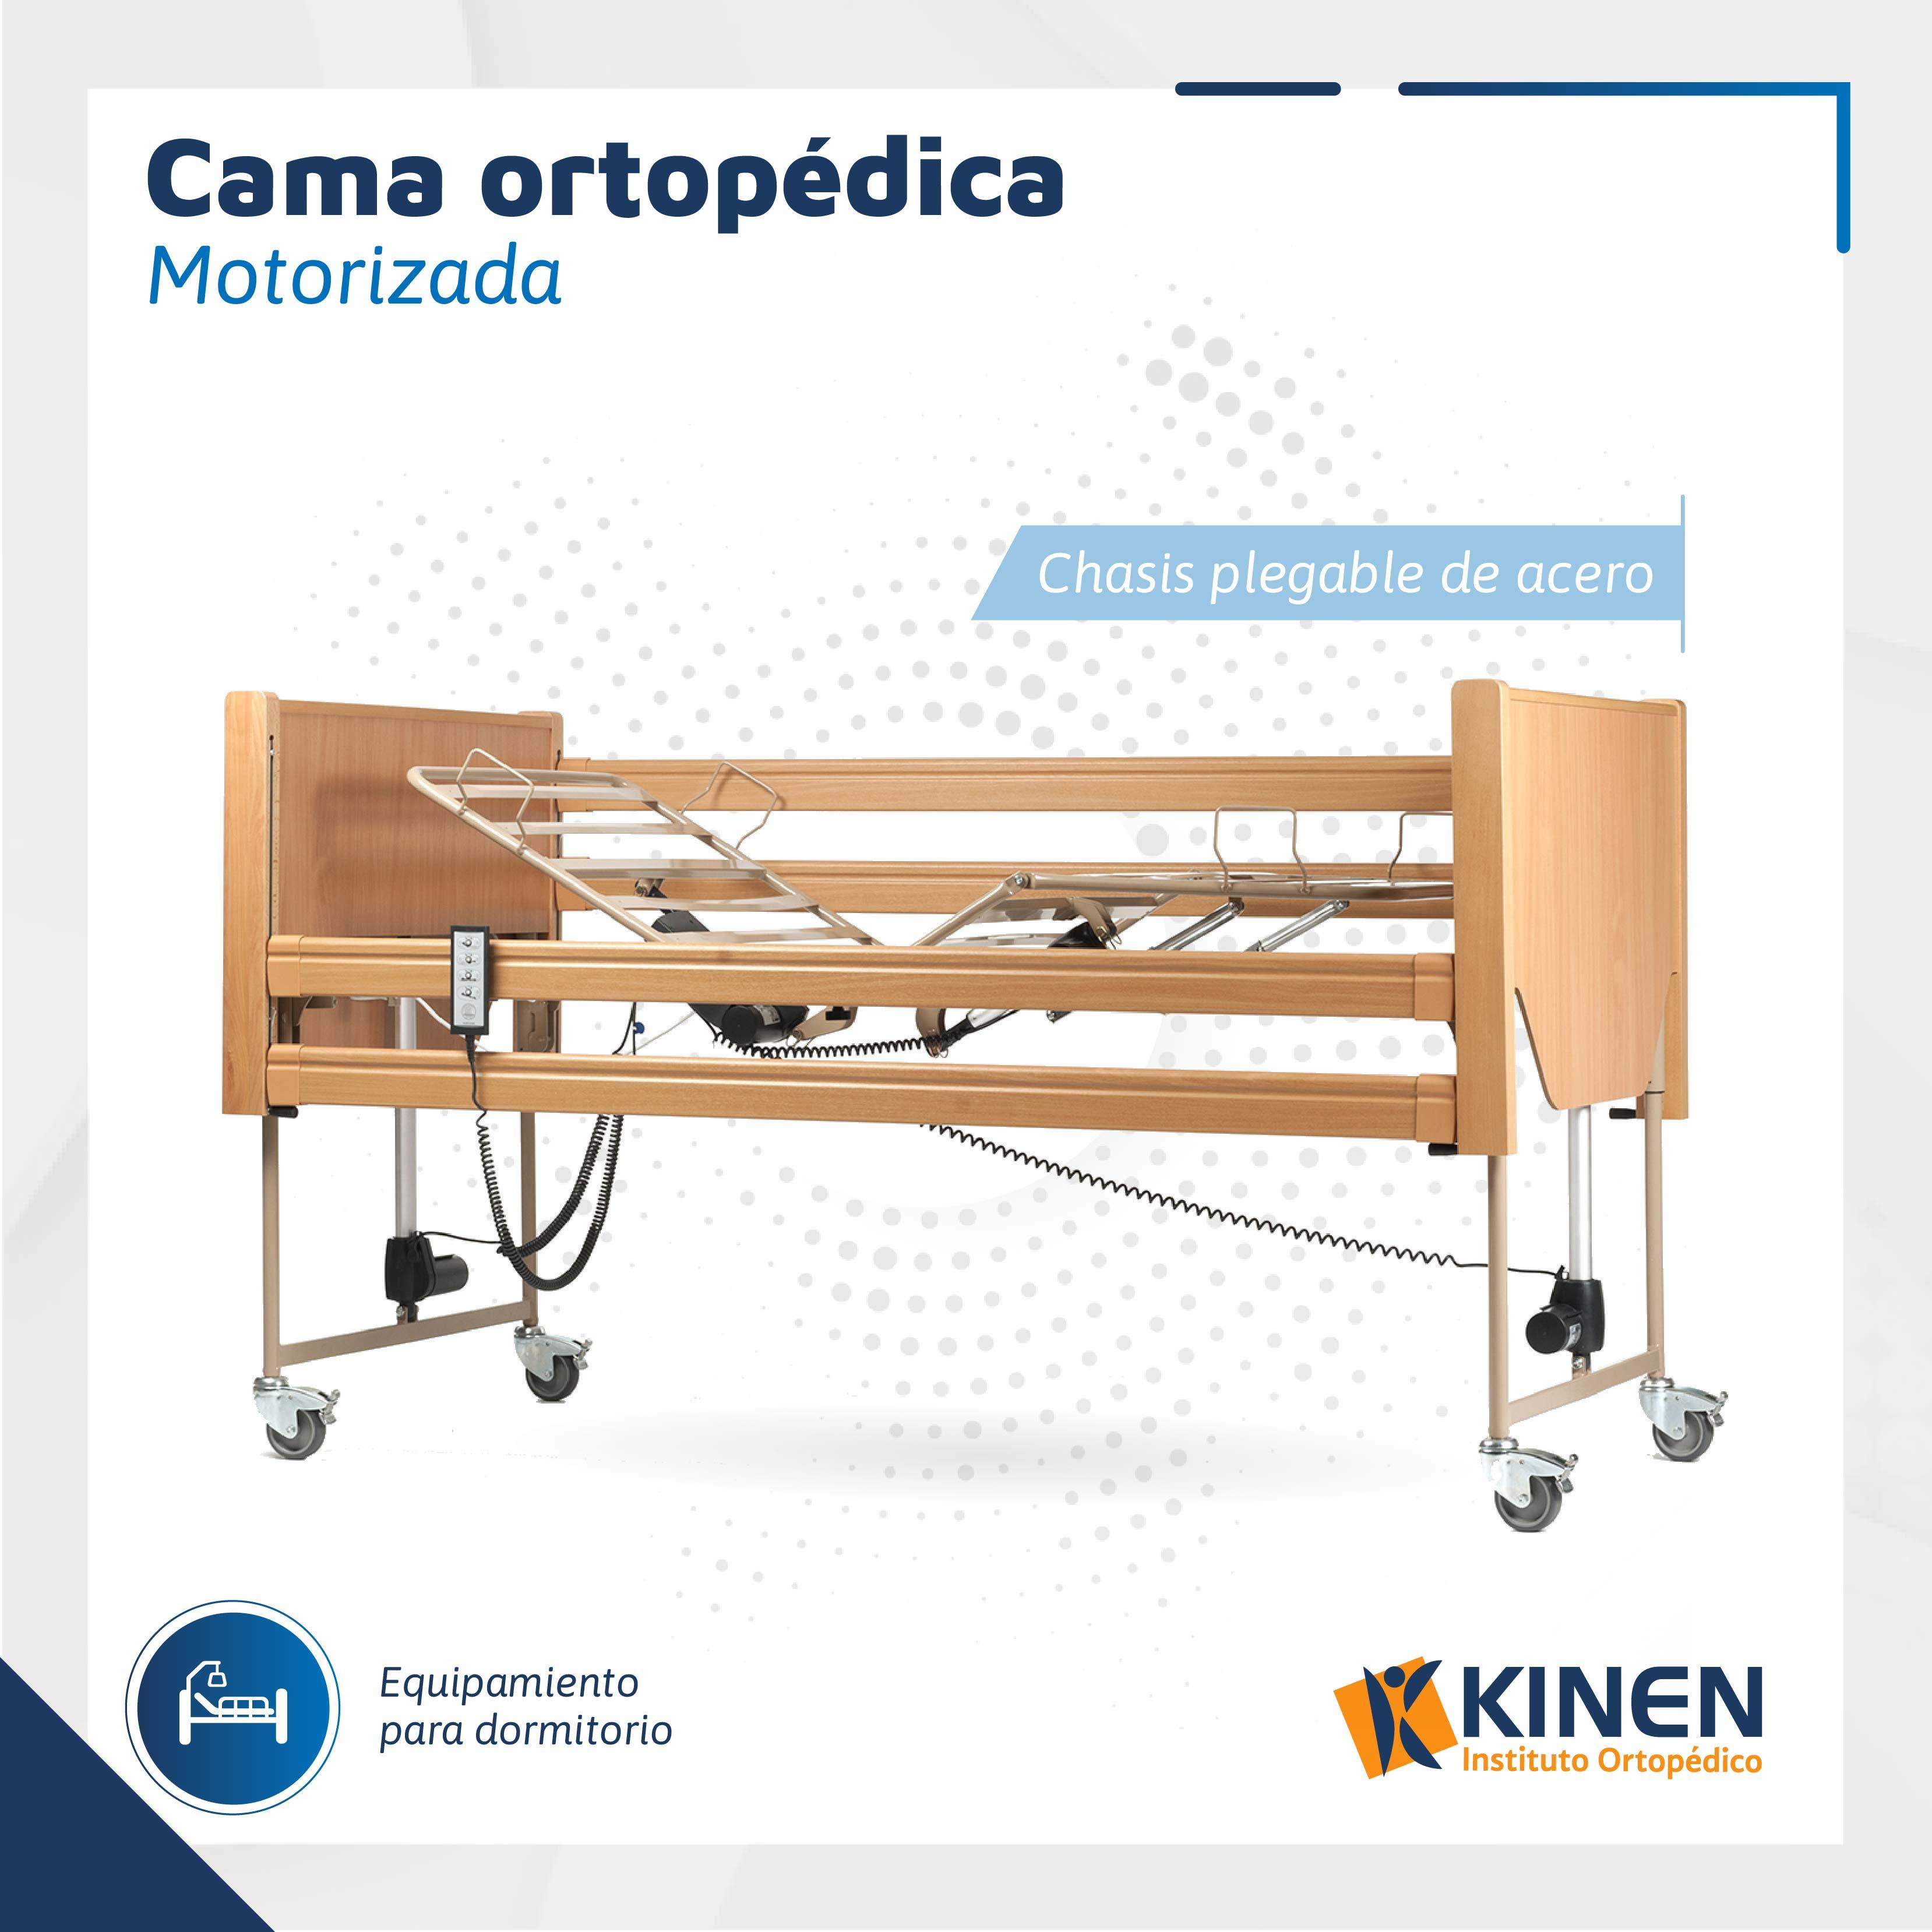 Cama ortopédica motorizada